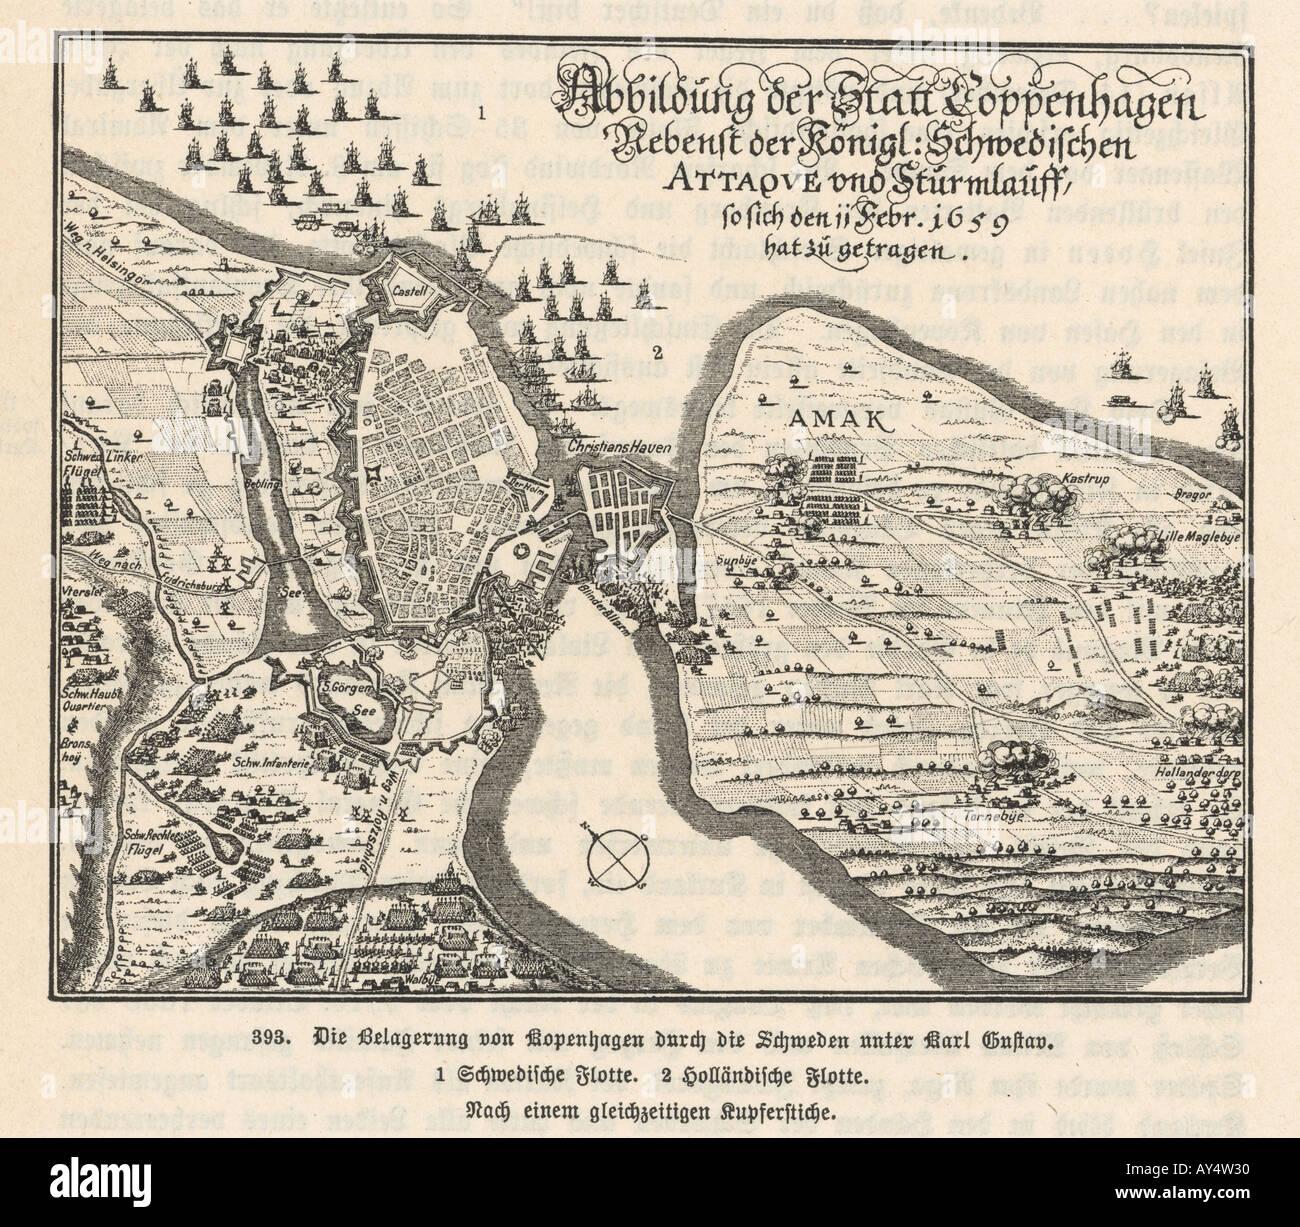 Siege Of Copenhagen 1659 - Stock Image